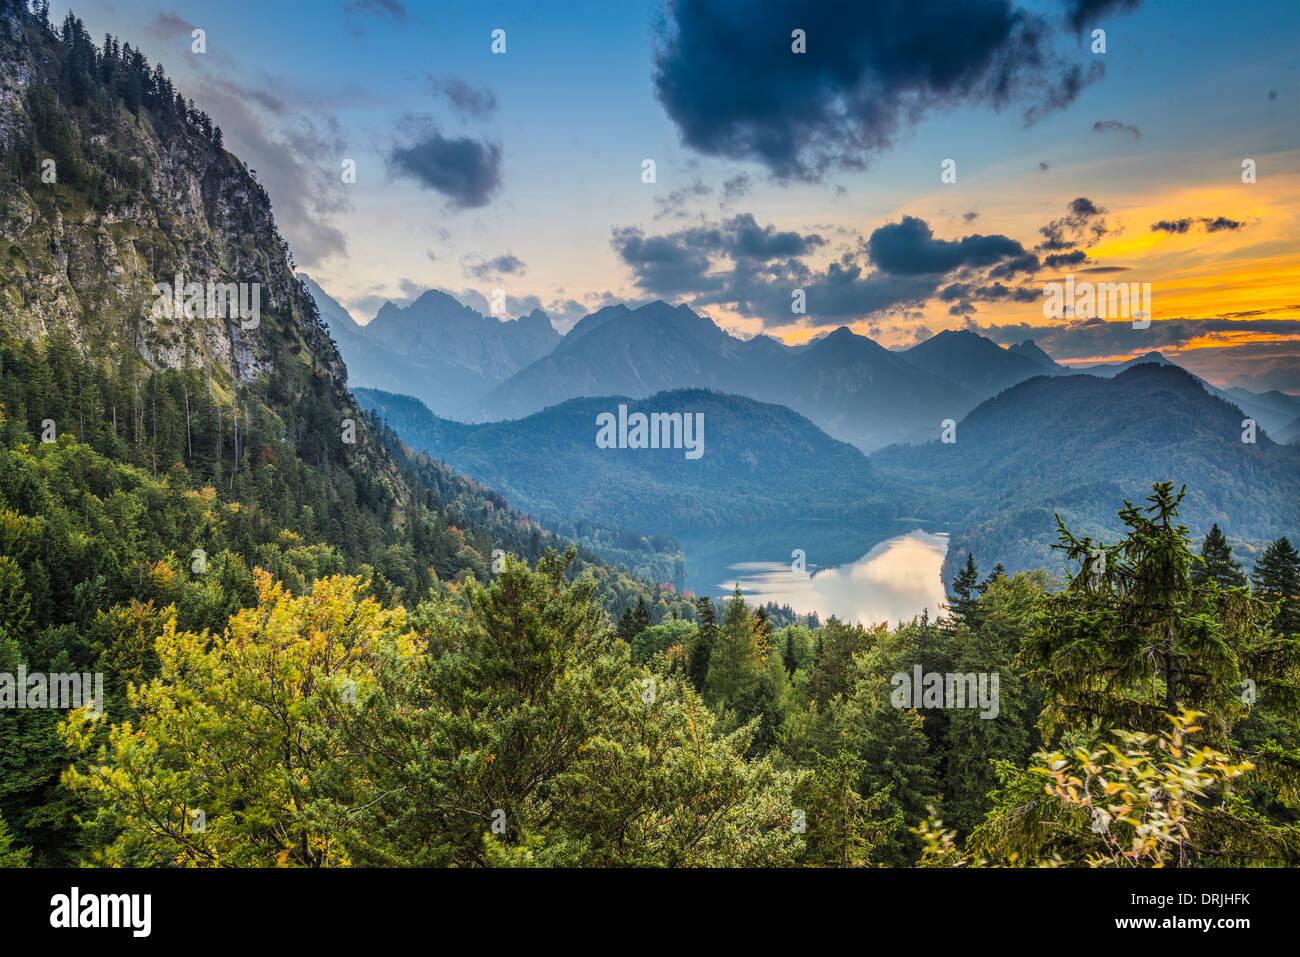 Alpes bavaroises paysage en Allemagne. Photo Stock